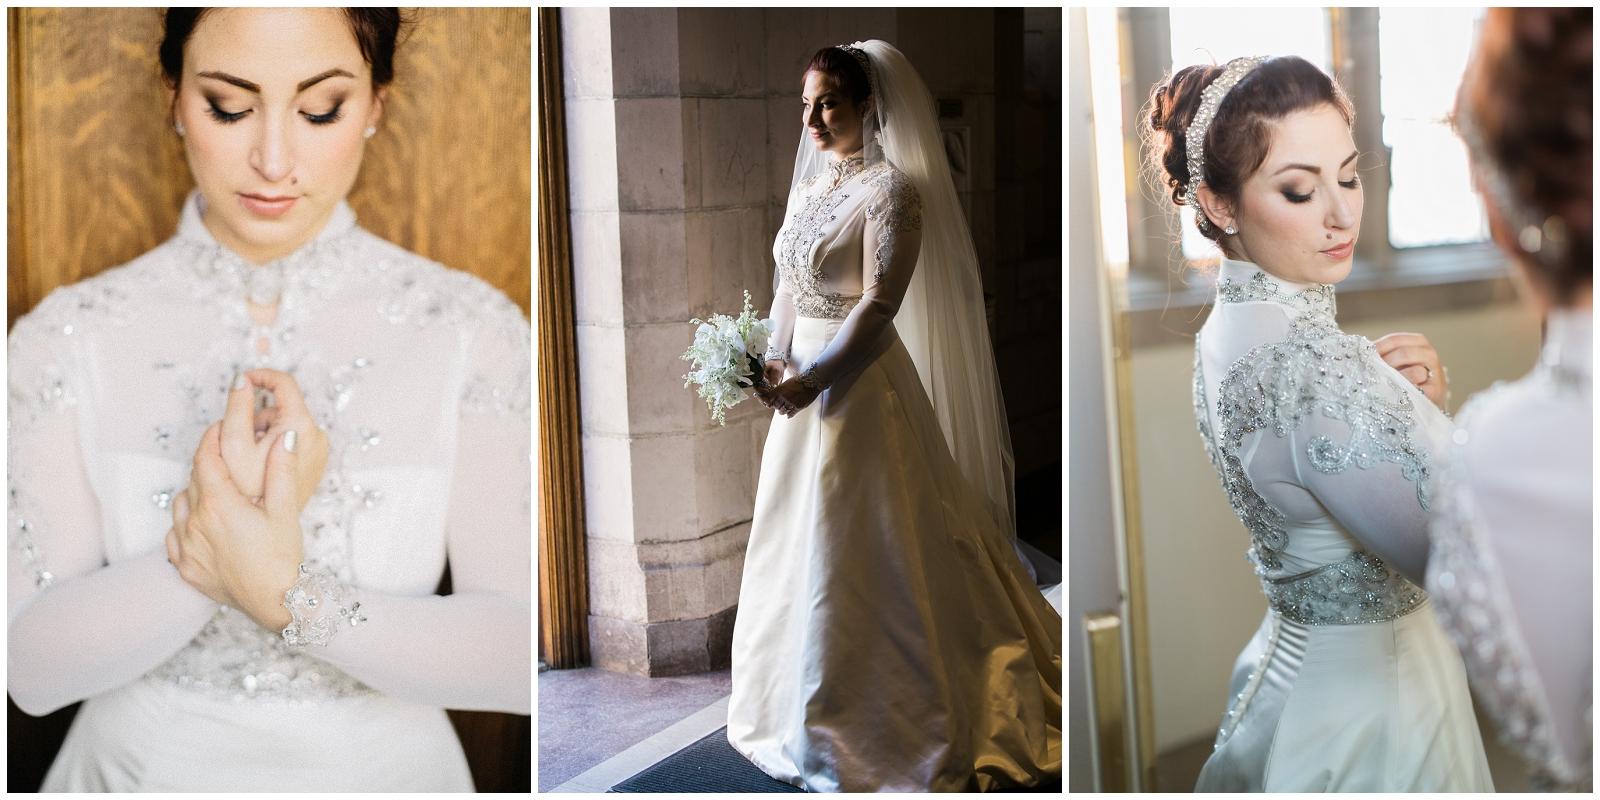 San-Francisco-Bay-Area-Wedding-Photography-Fairmont-6.jpg